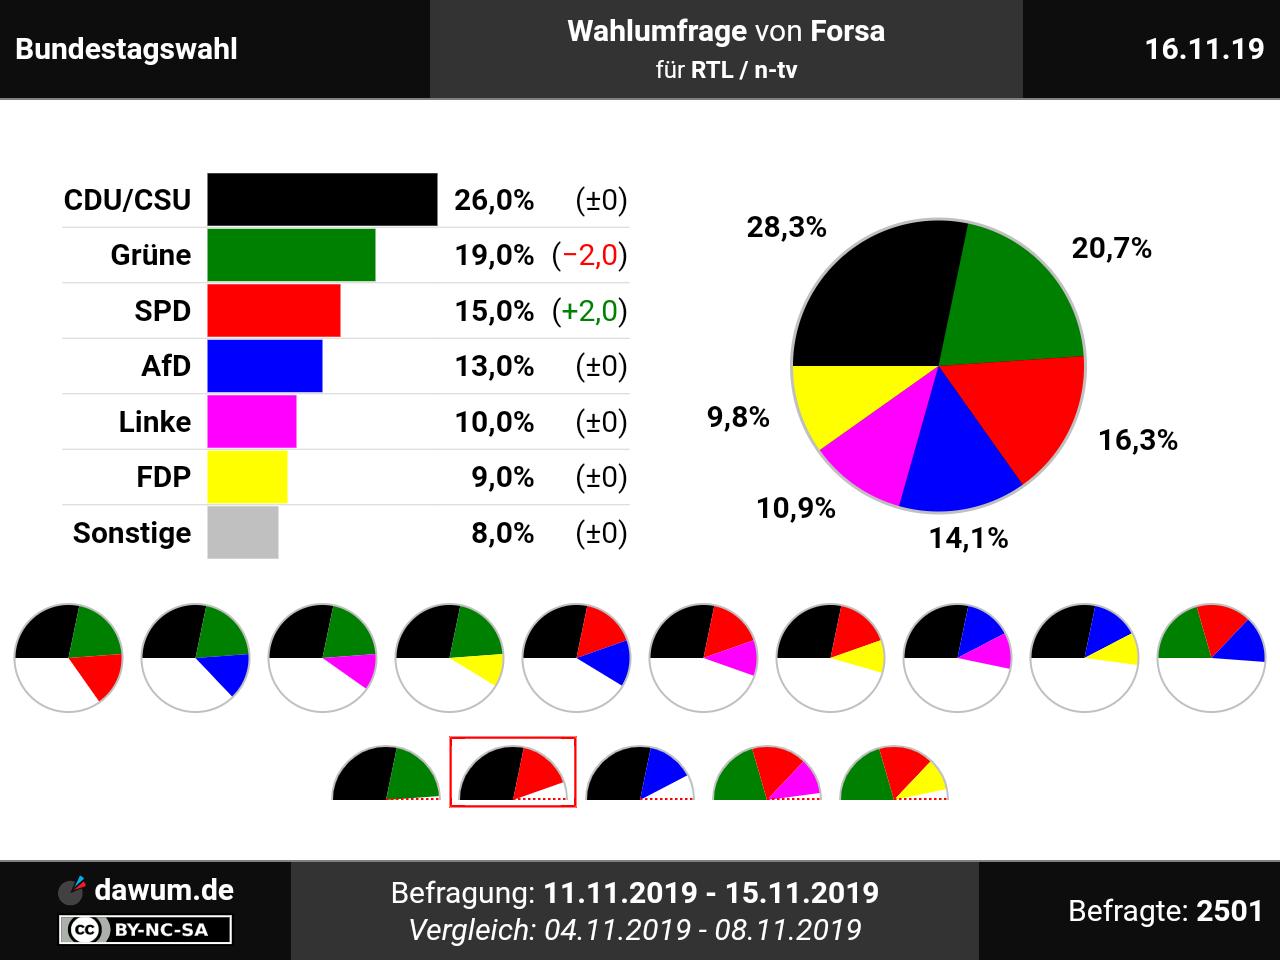 Sitze Bundestagswahl 2021